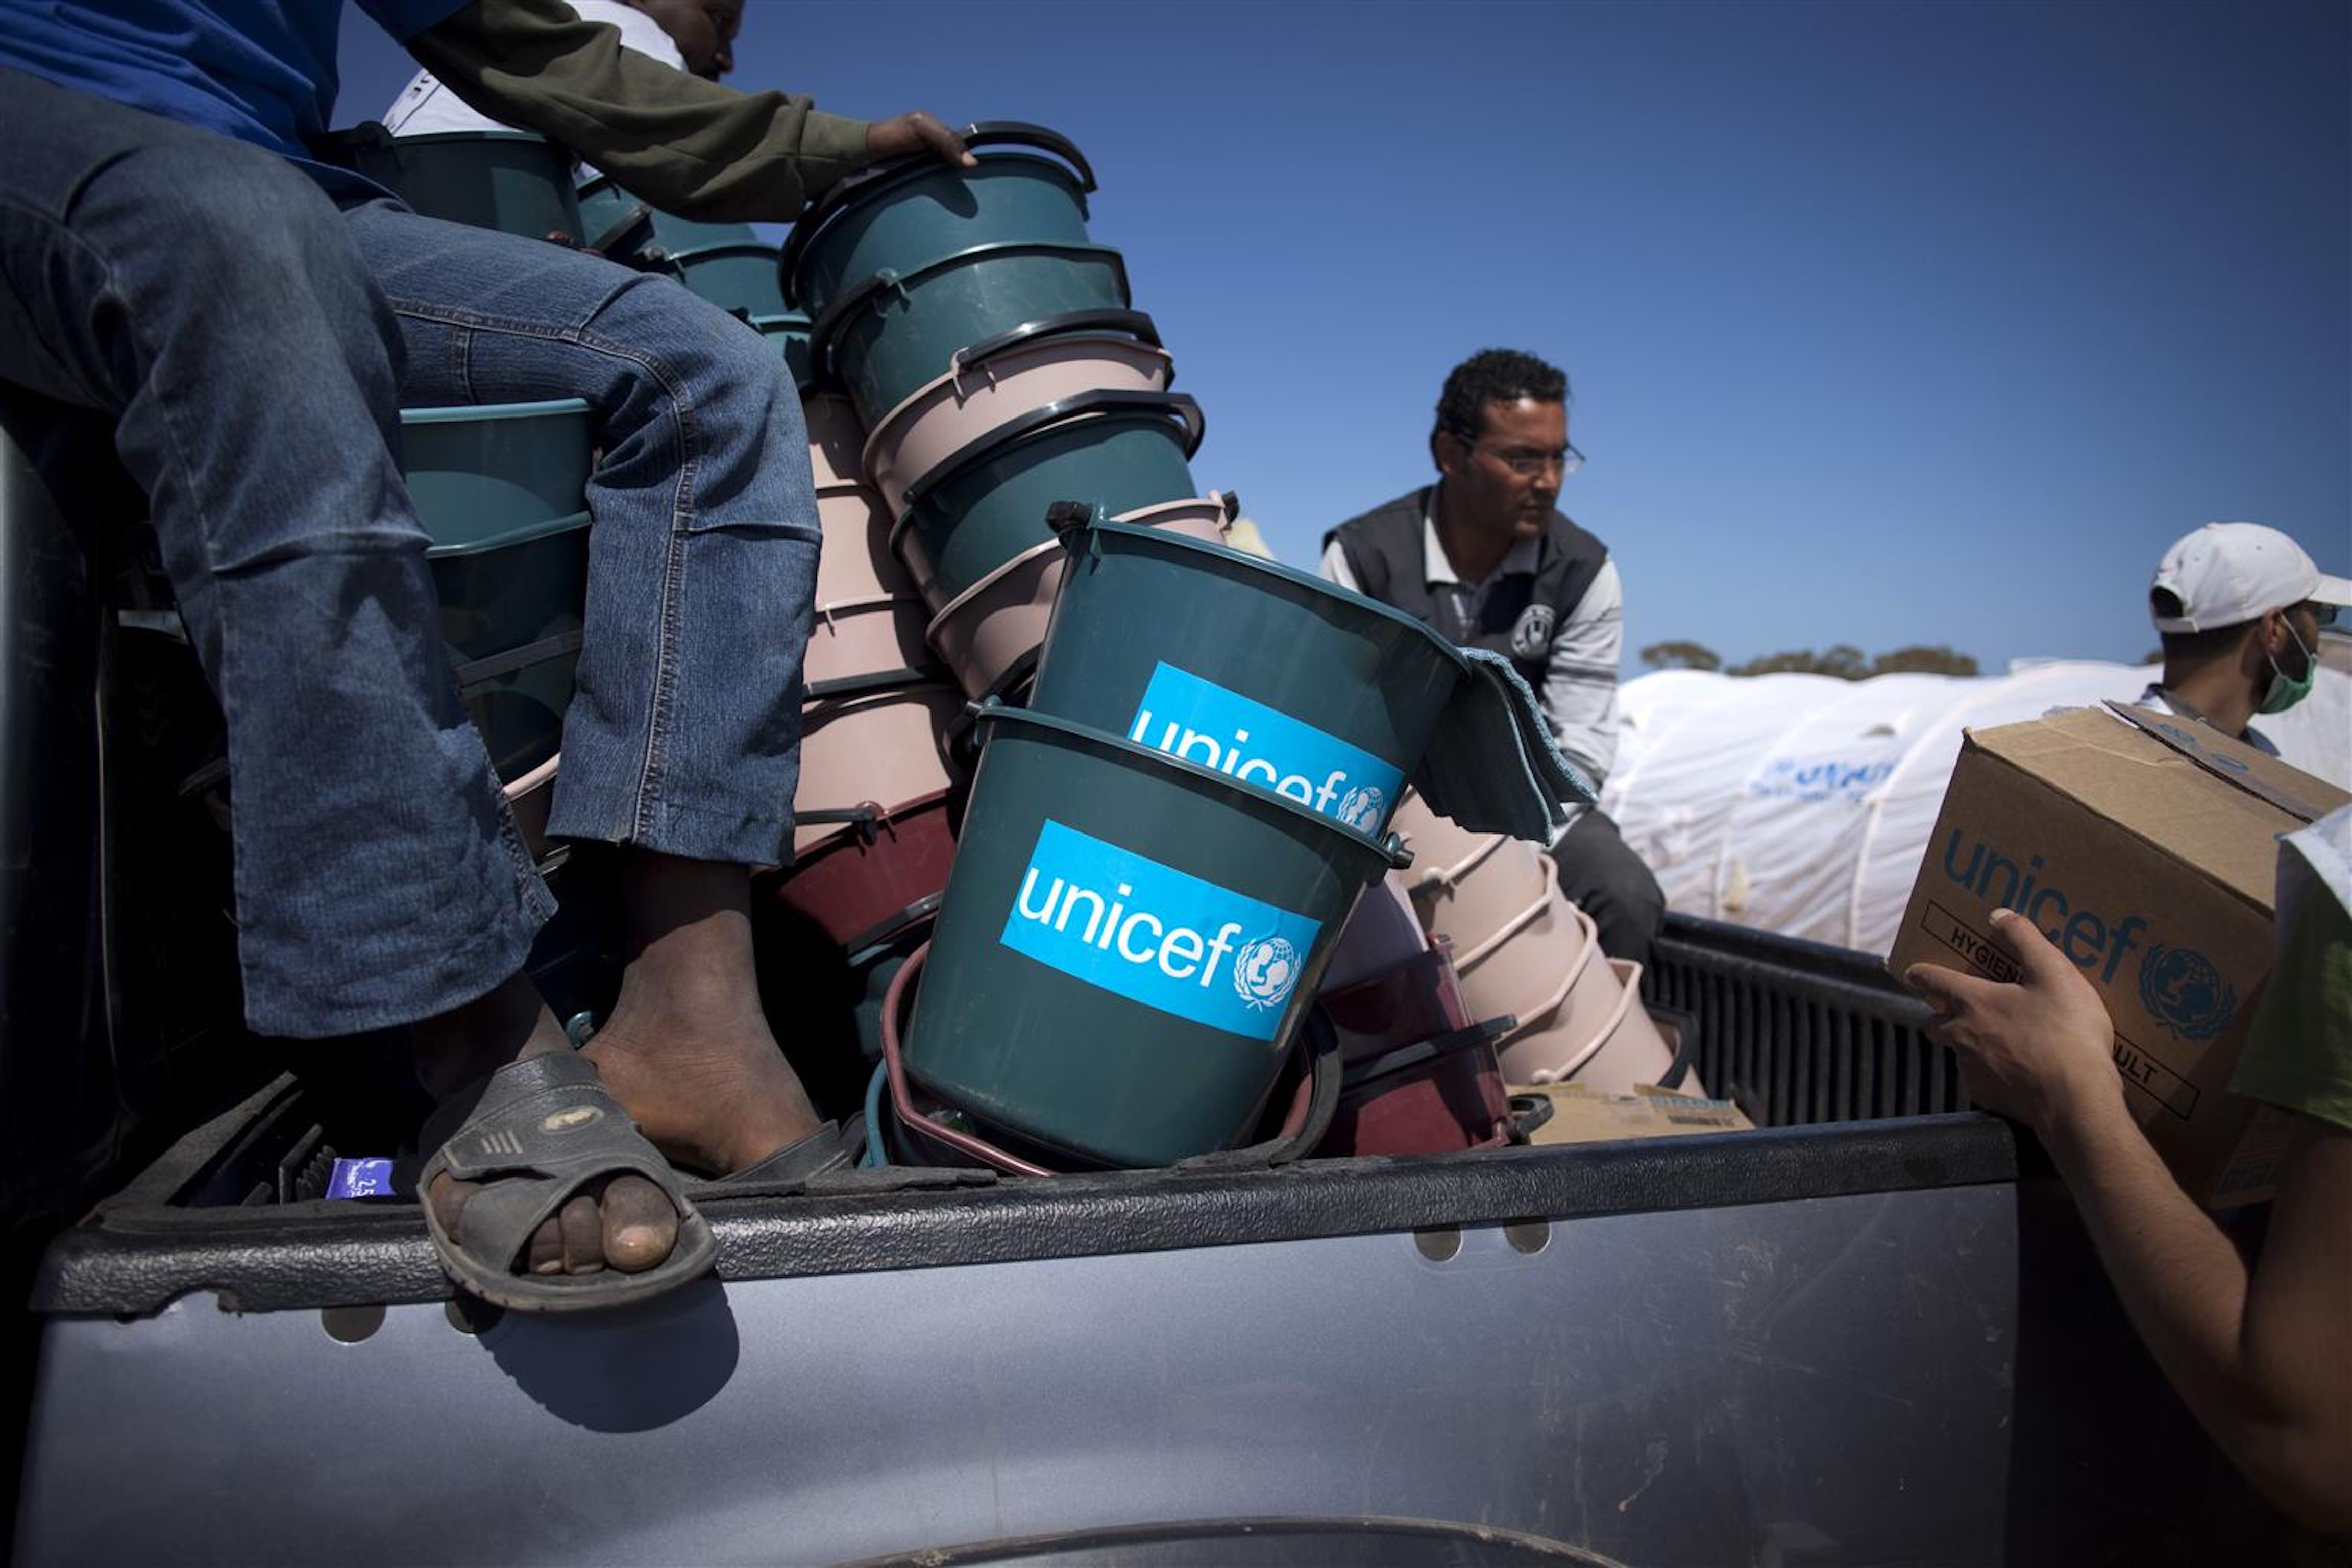 Un camion carico di aiuti UNICEF viene scaricato in un campo profughi al confine tunisino con la Libia - ©UNICEF/NYHQ2011-0508/M.Ramoneda